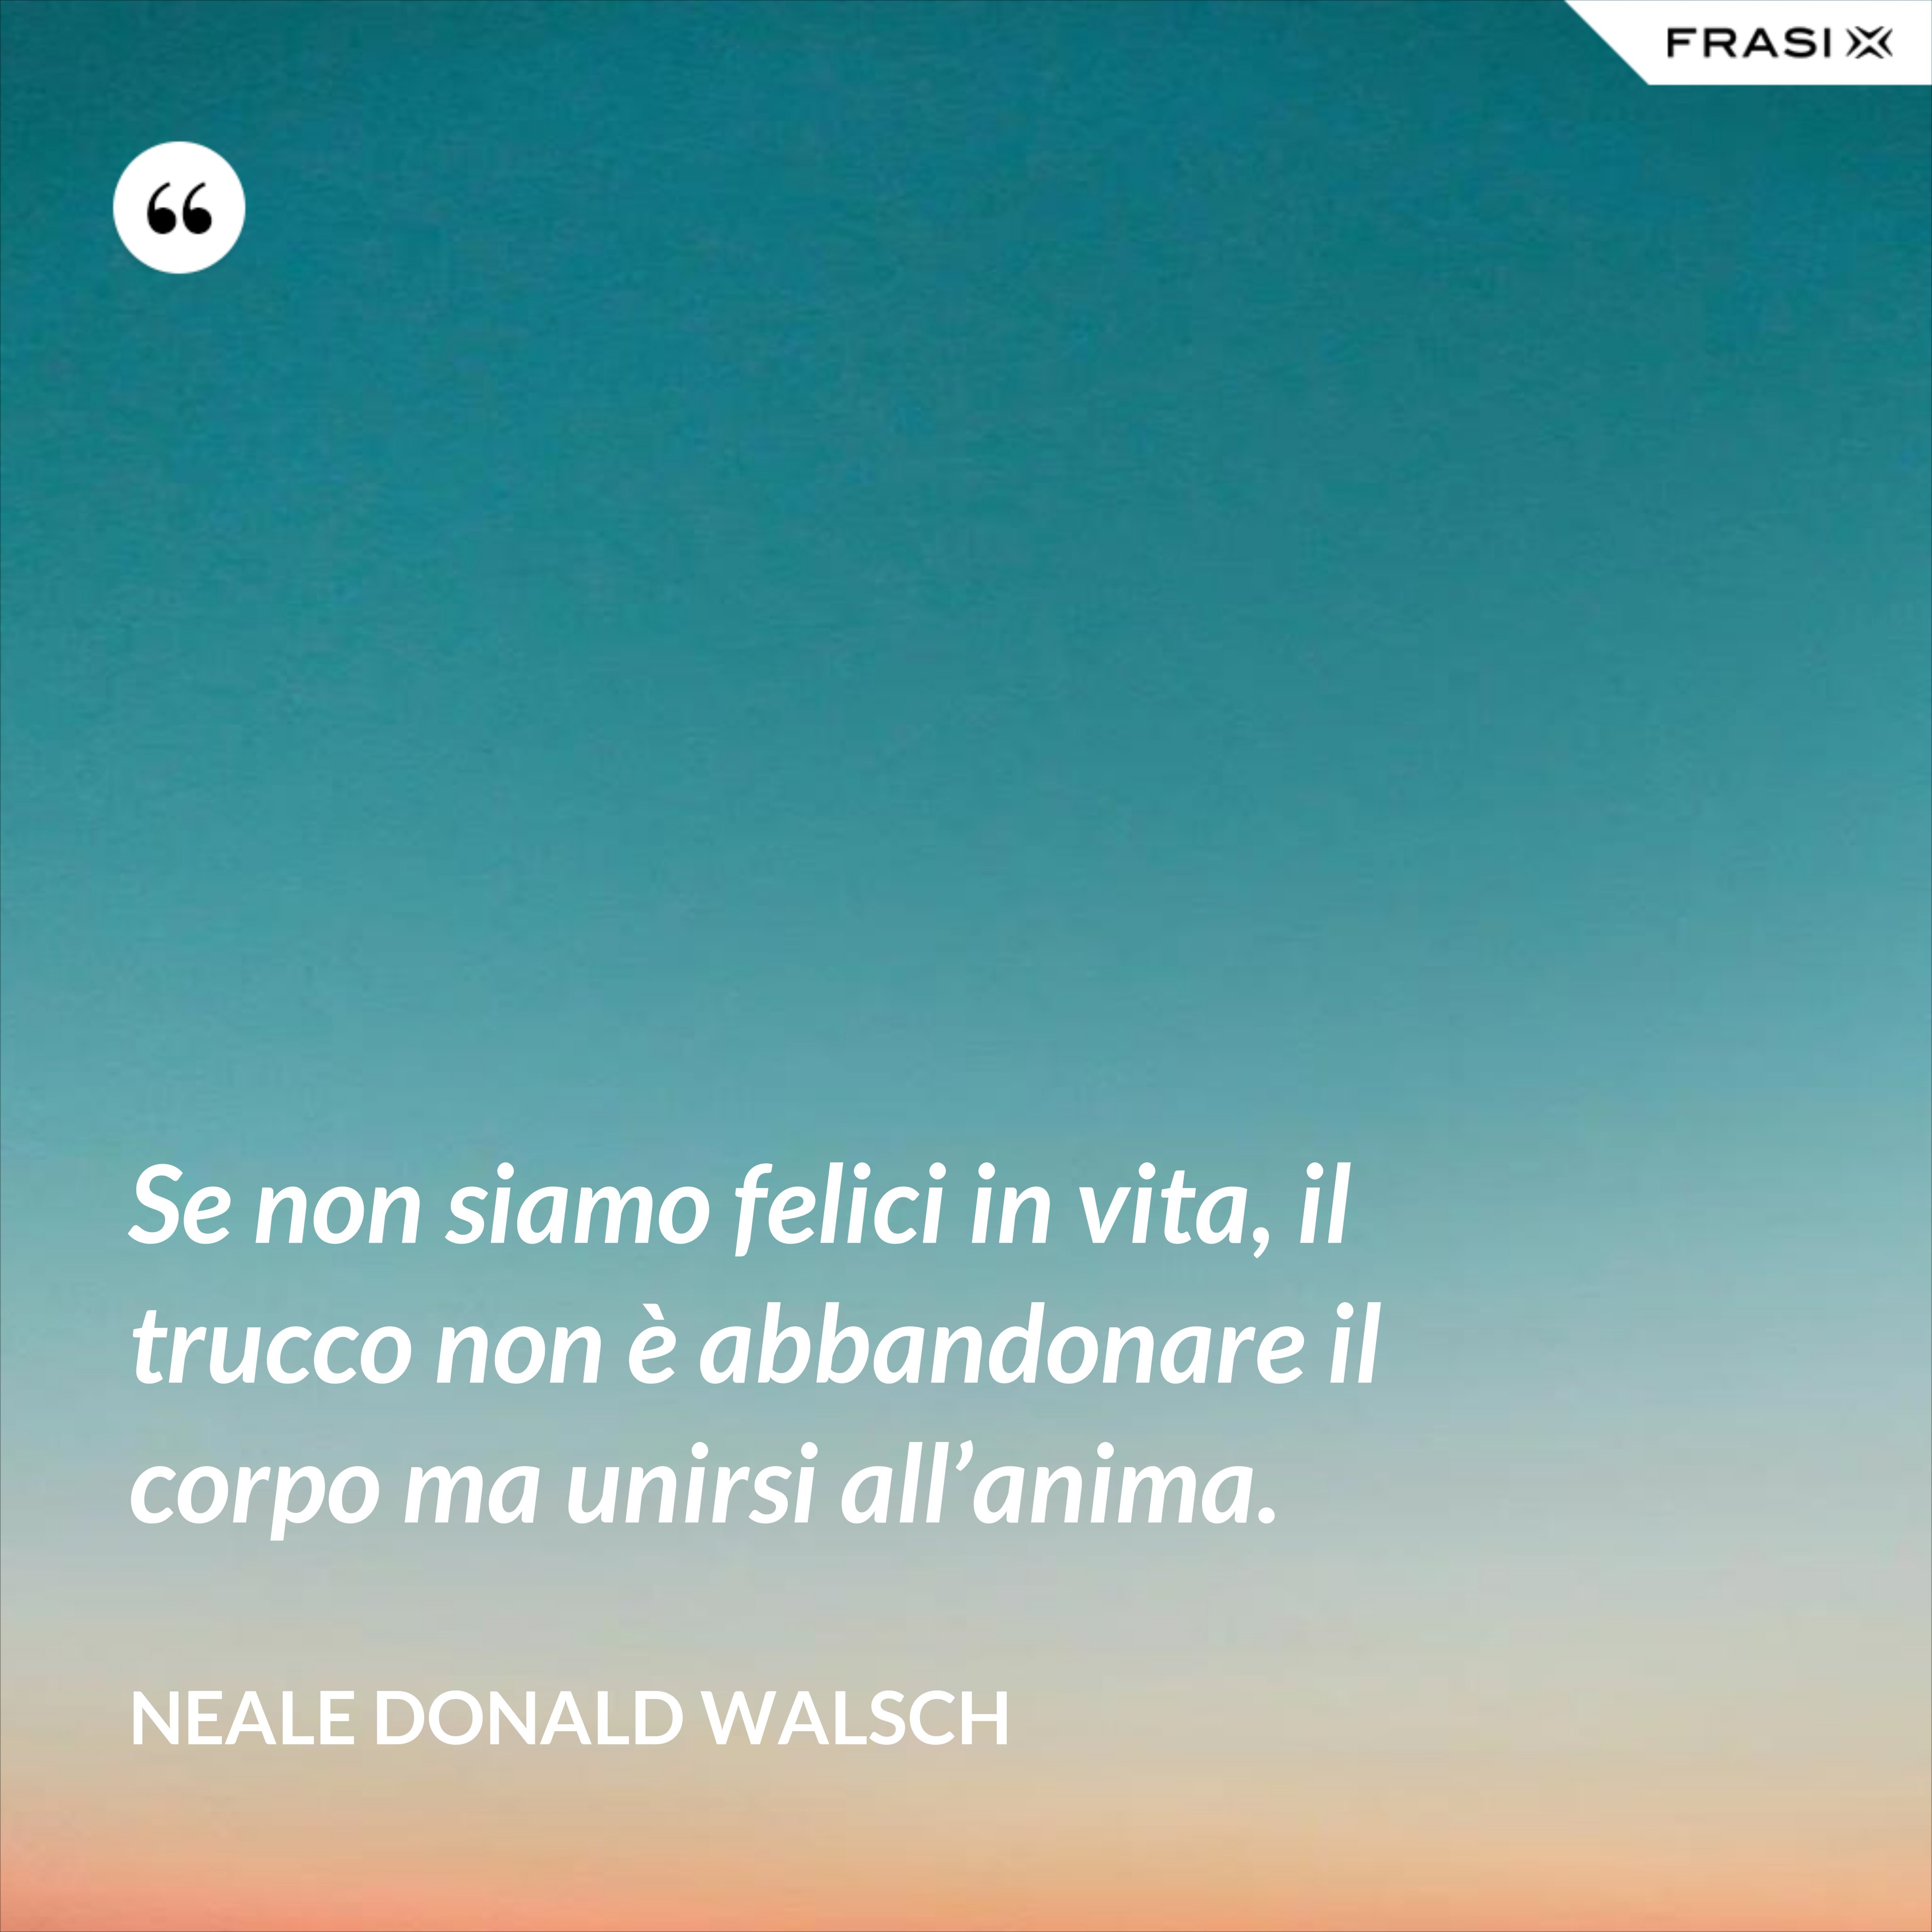 Se non siamo felici in vita, il trucco non è abbandonare il corpo ma unirsi all'anima. - Neale Donald Walsch